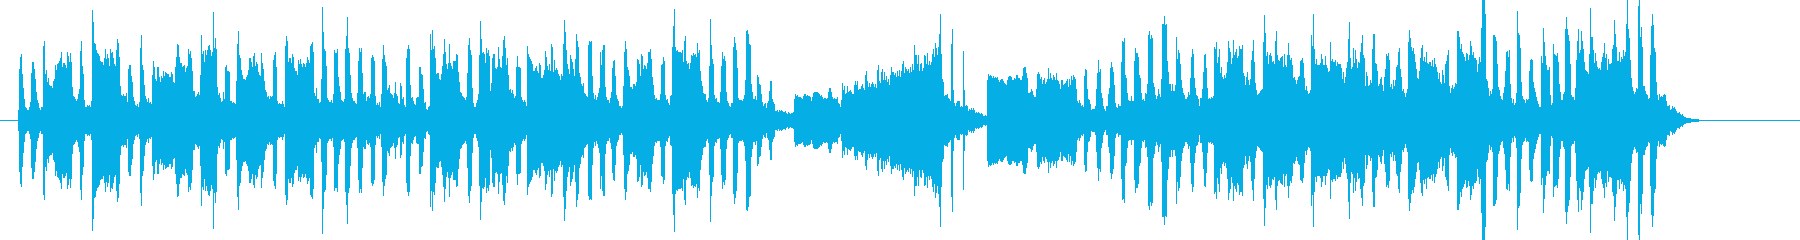 明るい楽しいオルガンシンセサウンドの再生済みの波形